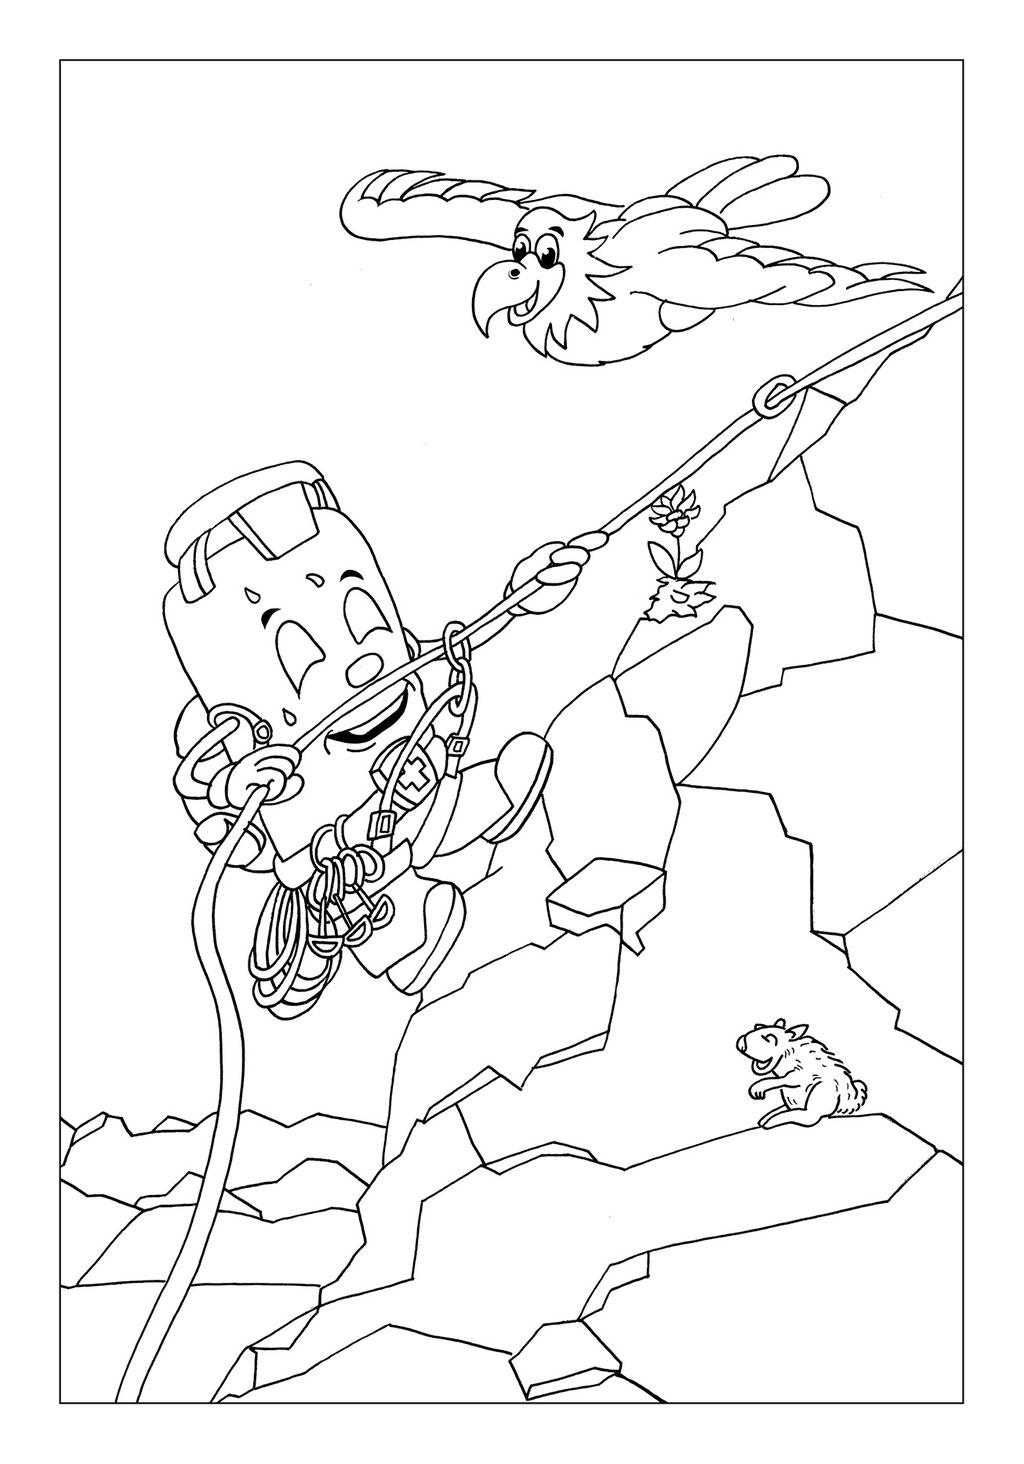 Vitogaz Kinder-Malbuch: Idee Zeichnung und Illustration: beim Klettern in den Bergen